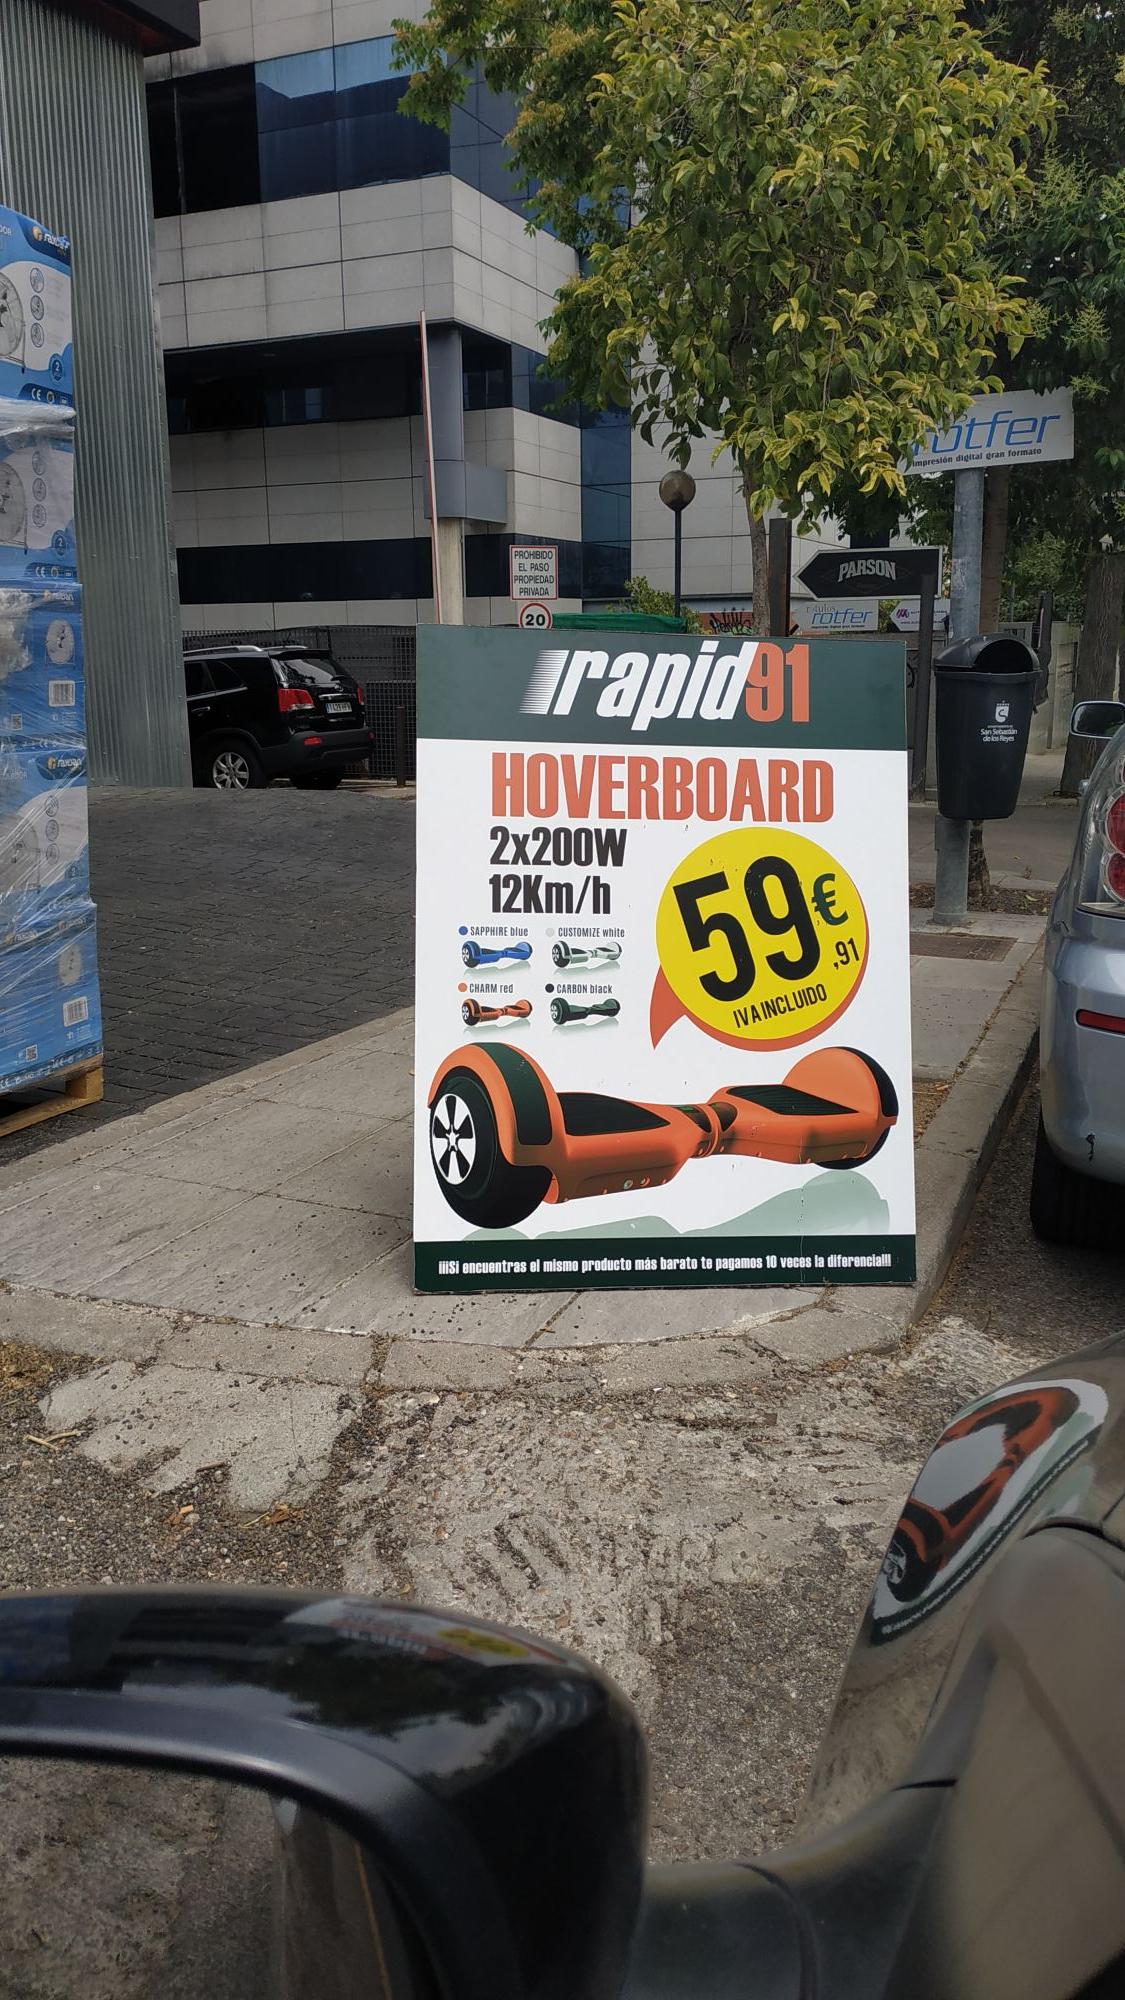 OFERTON!! HOVERBOARD MENOS DE 60€